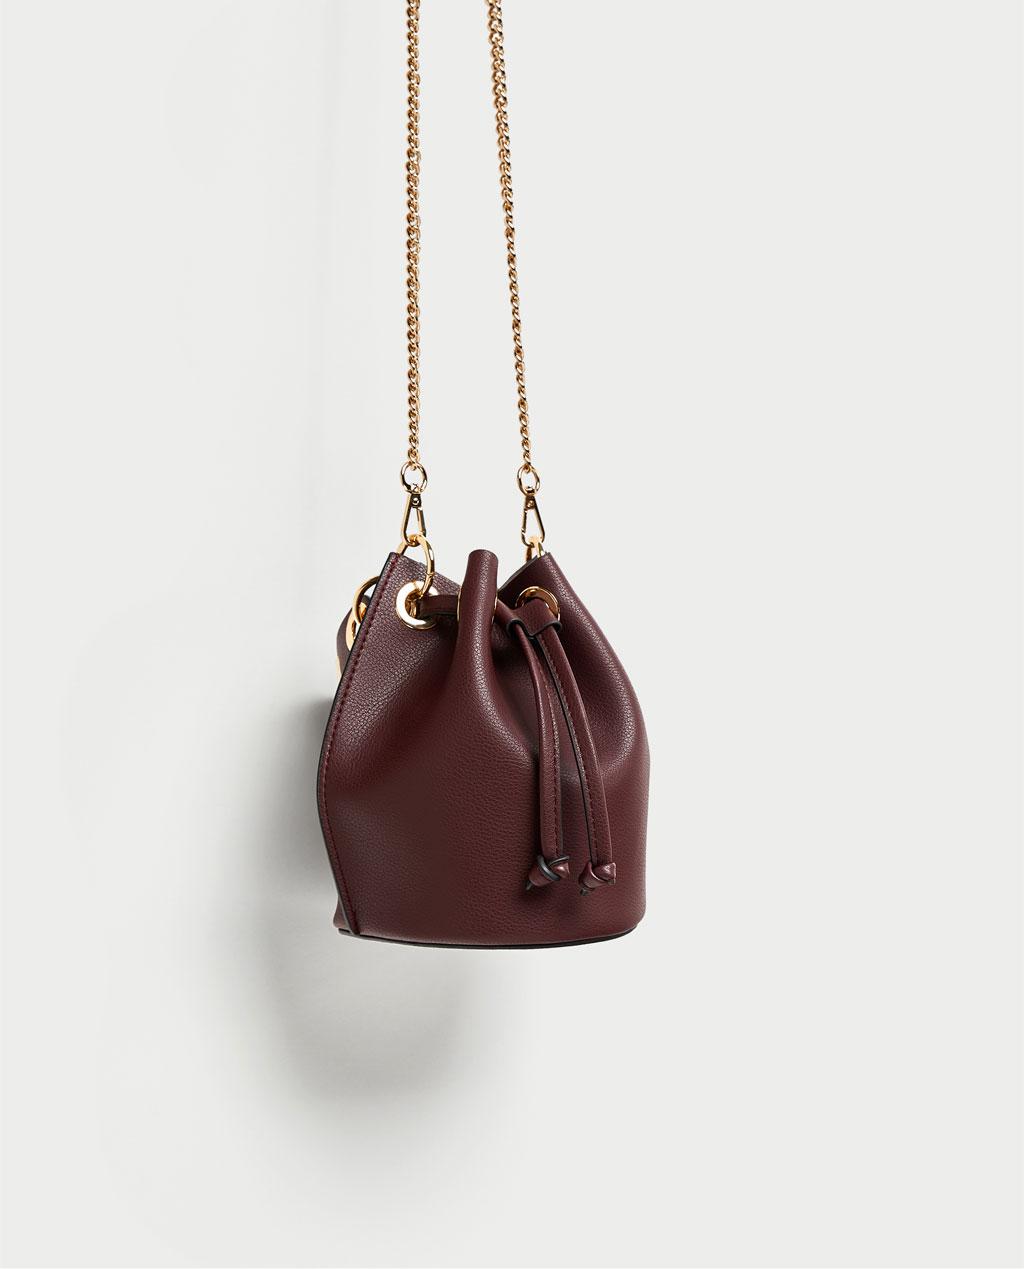 アイレット付き巾着型ミニバッグ